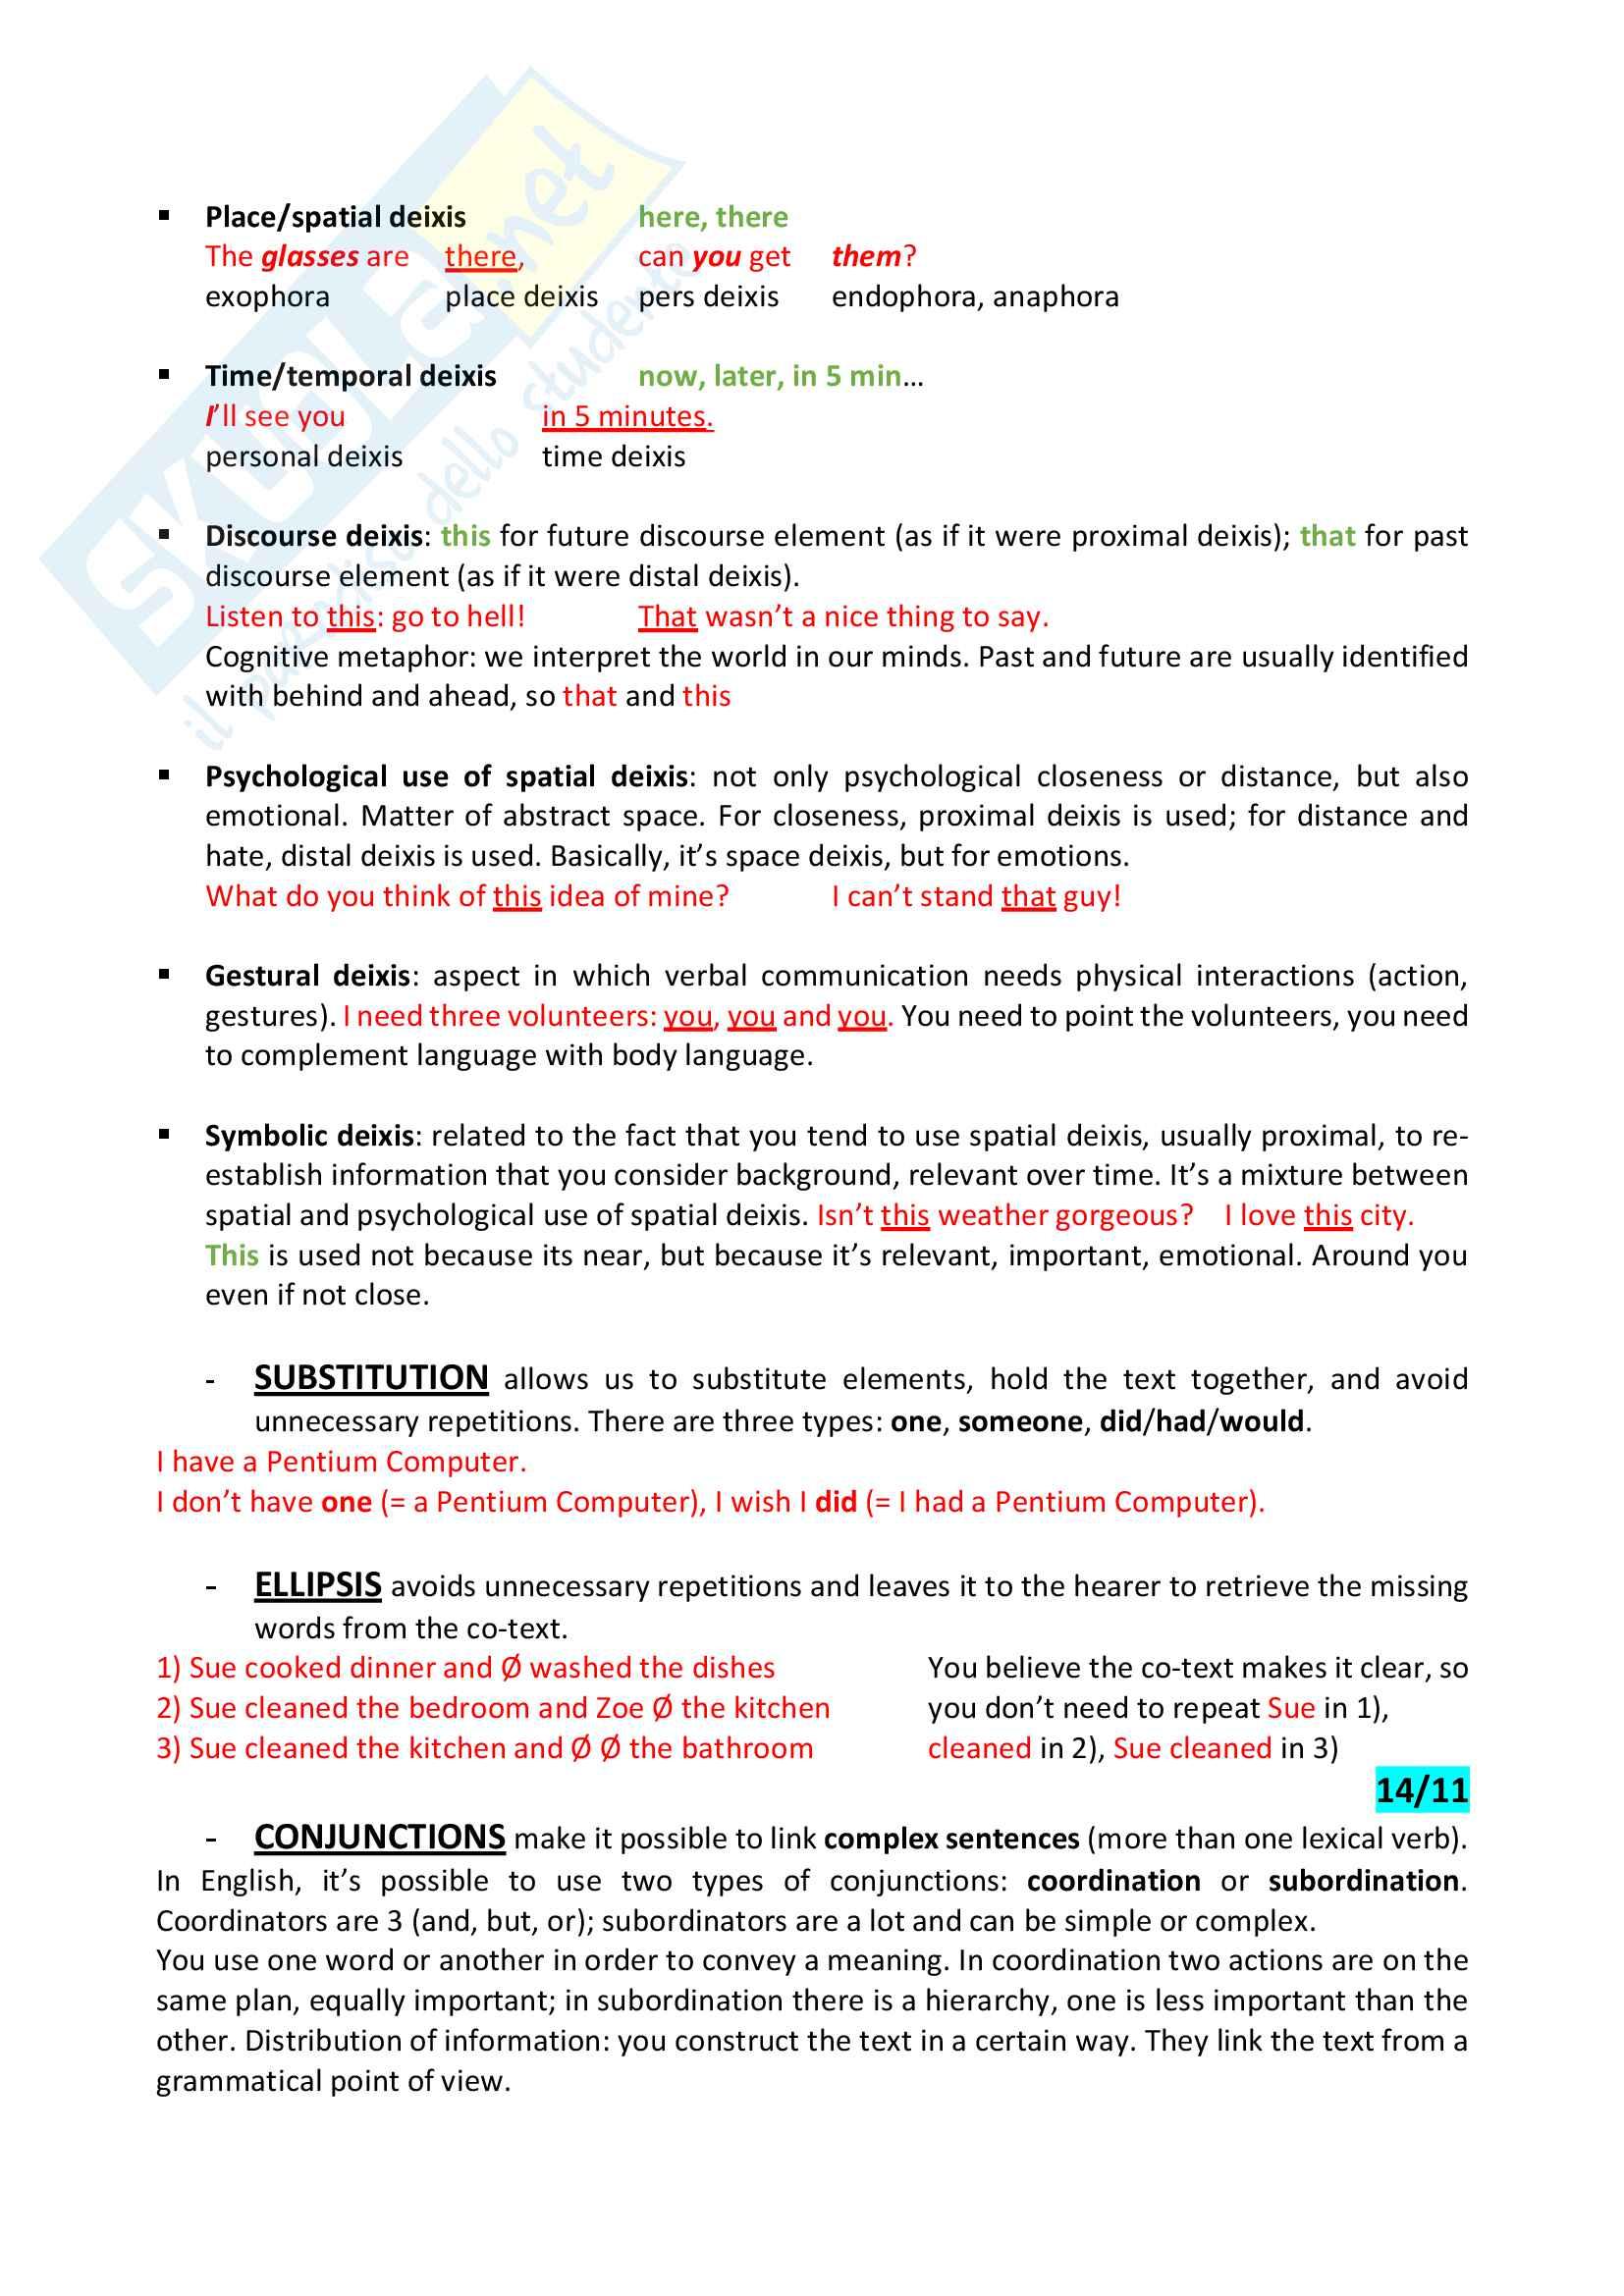 Appunti di Modulo Teorico Inglese III MT Pag. 11